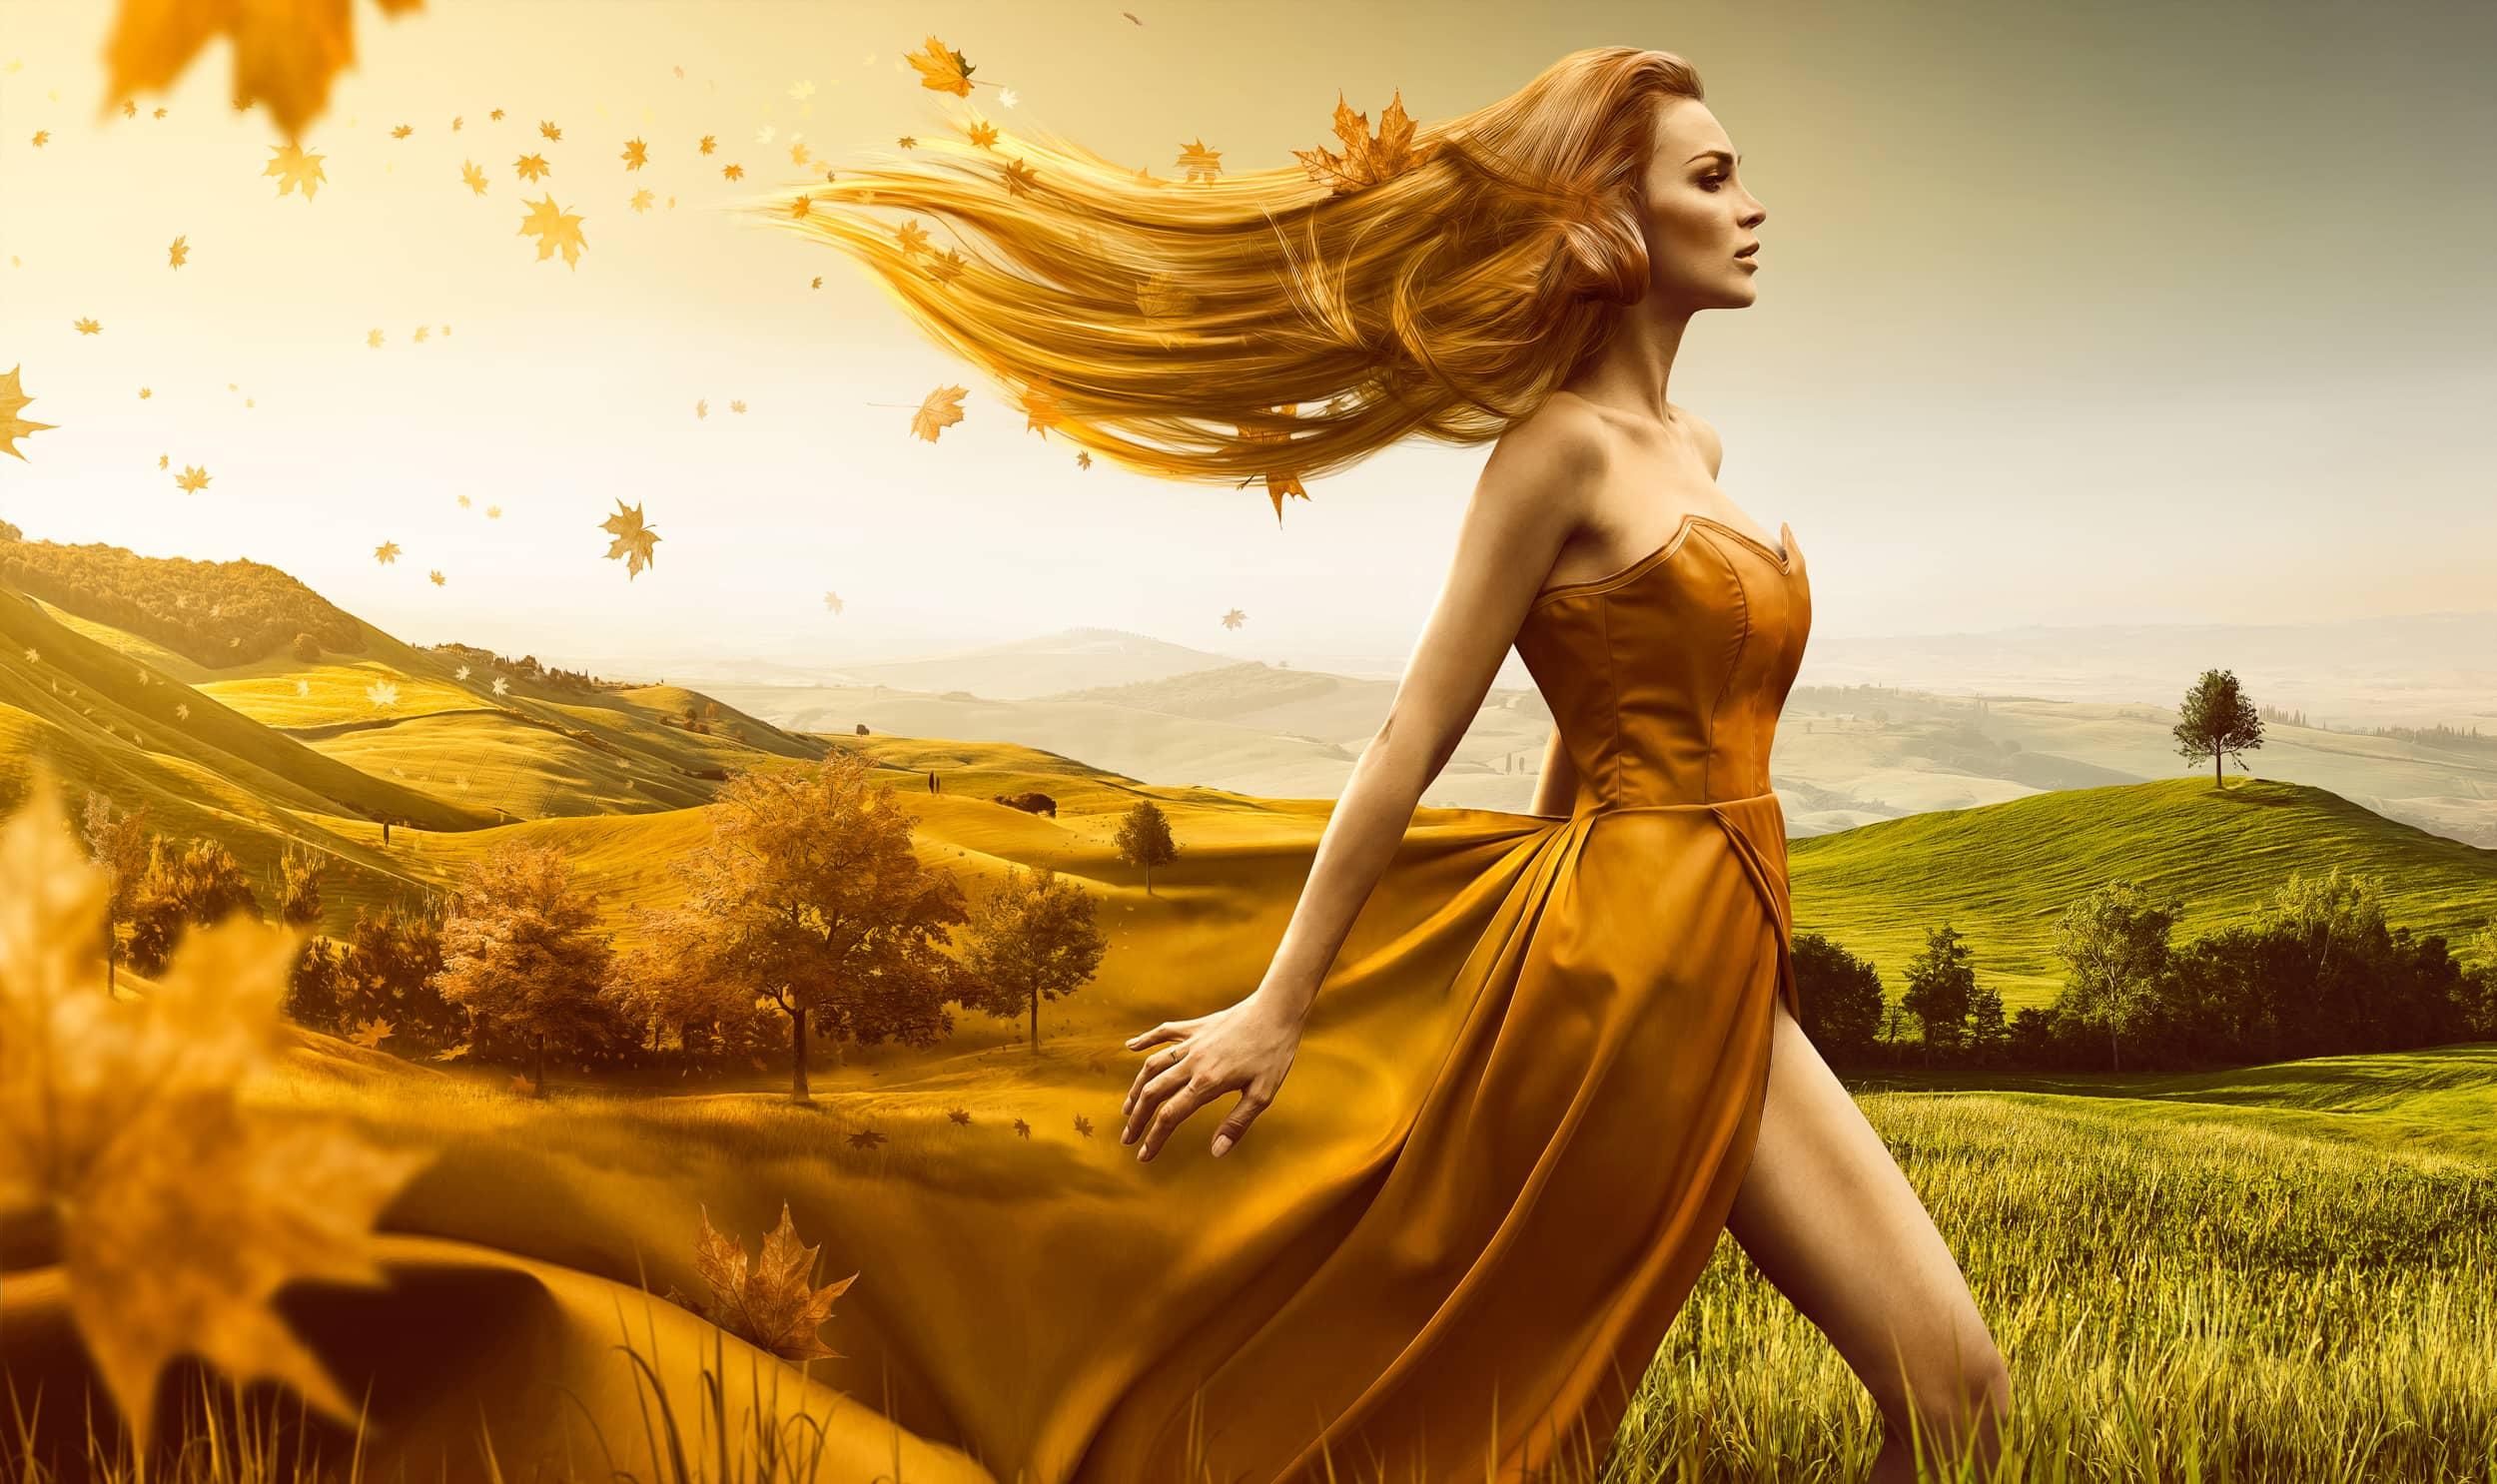 Artikel über mein Adobe-Artwork zum Thema Herbst | Inklusive Video